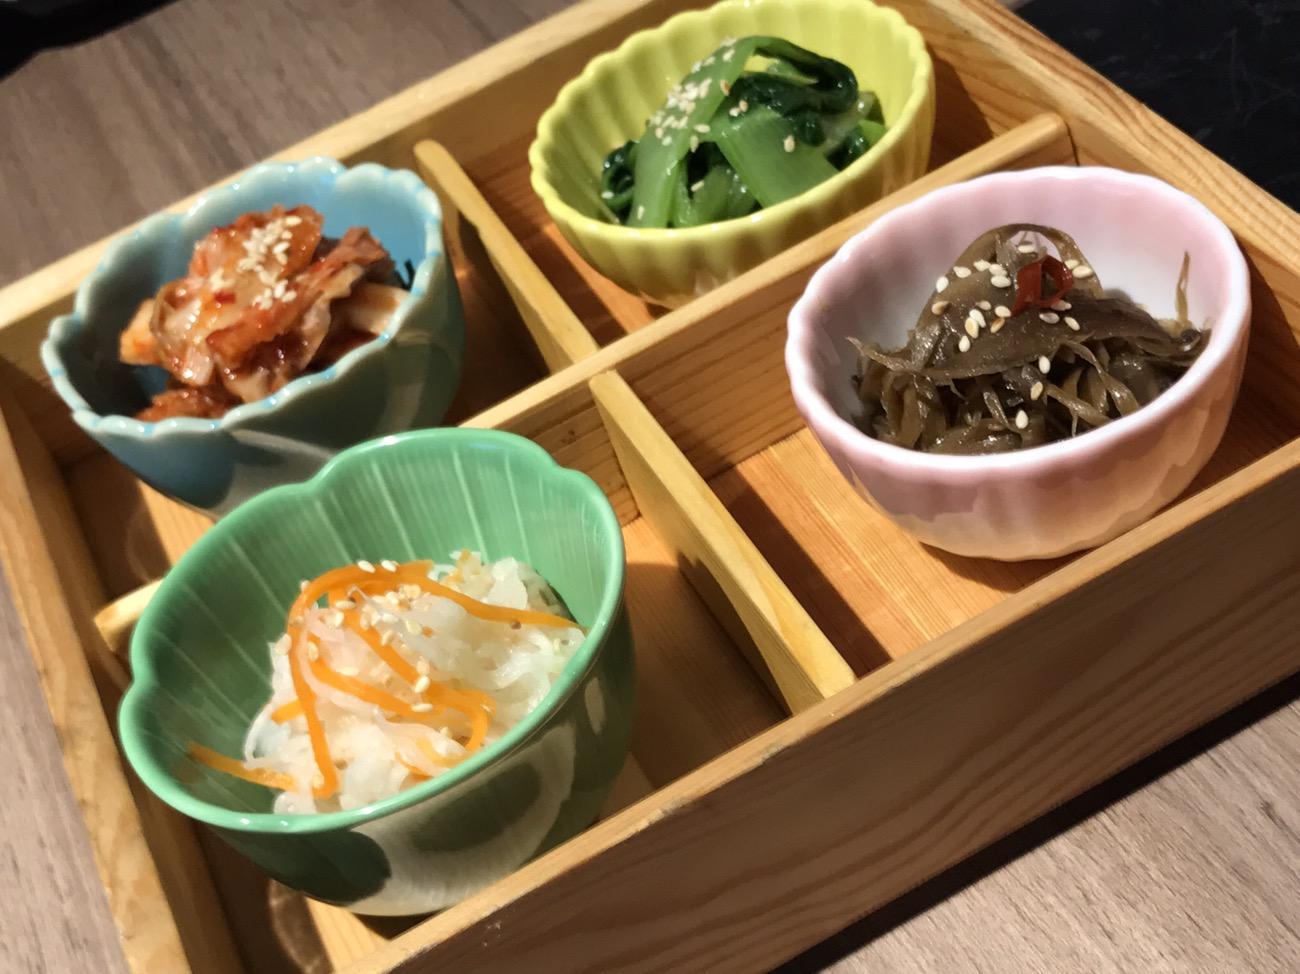 新日本焼肉党 マレーシアクアラルンプールの小鉢